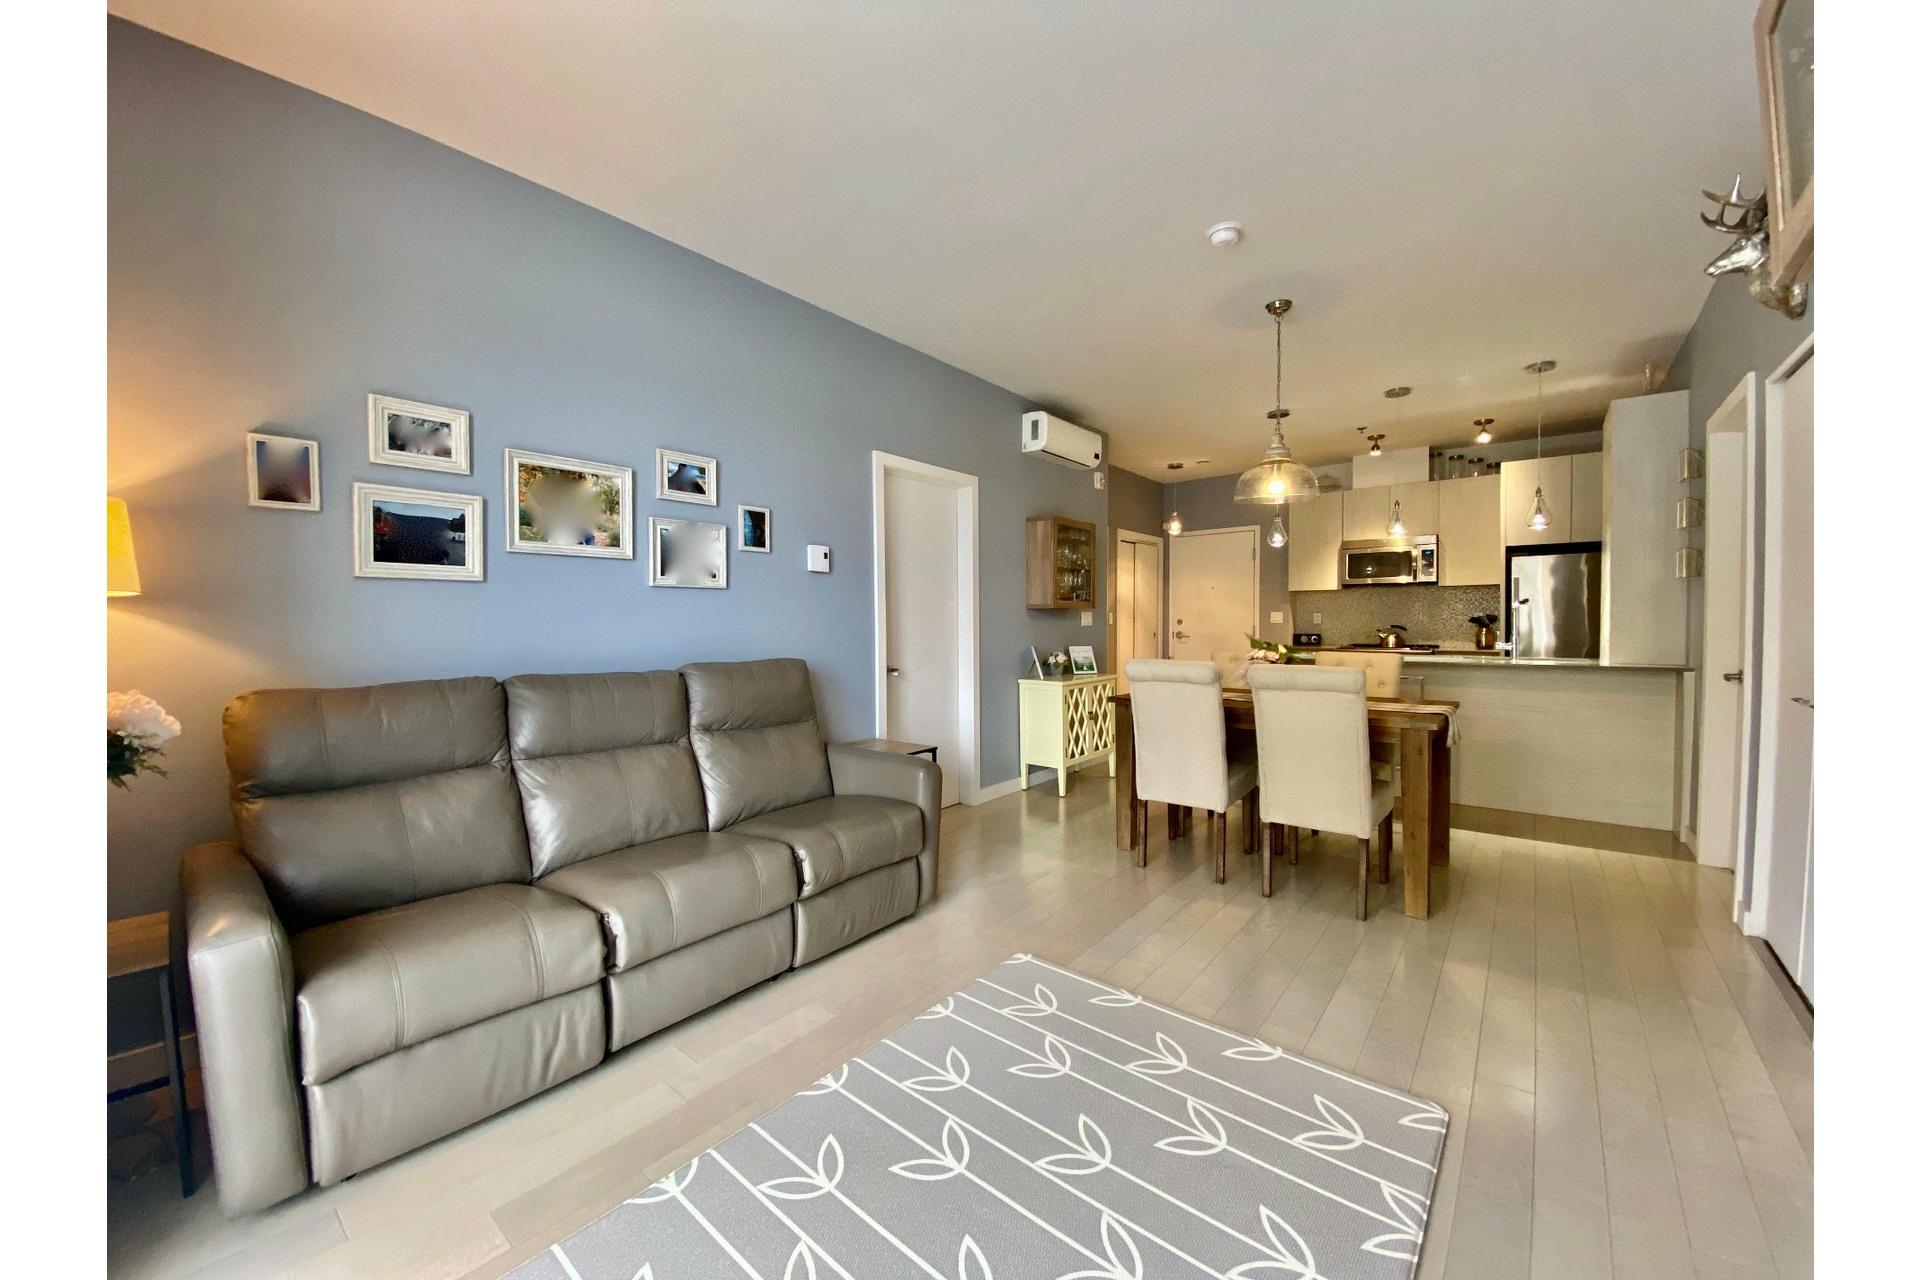 image 5 - Appartement À vendre Lachine Montréal  - 8 pièces